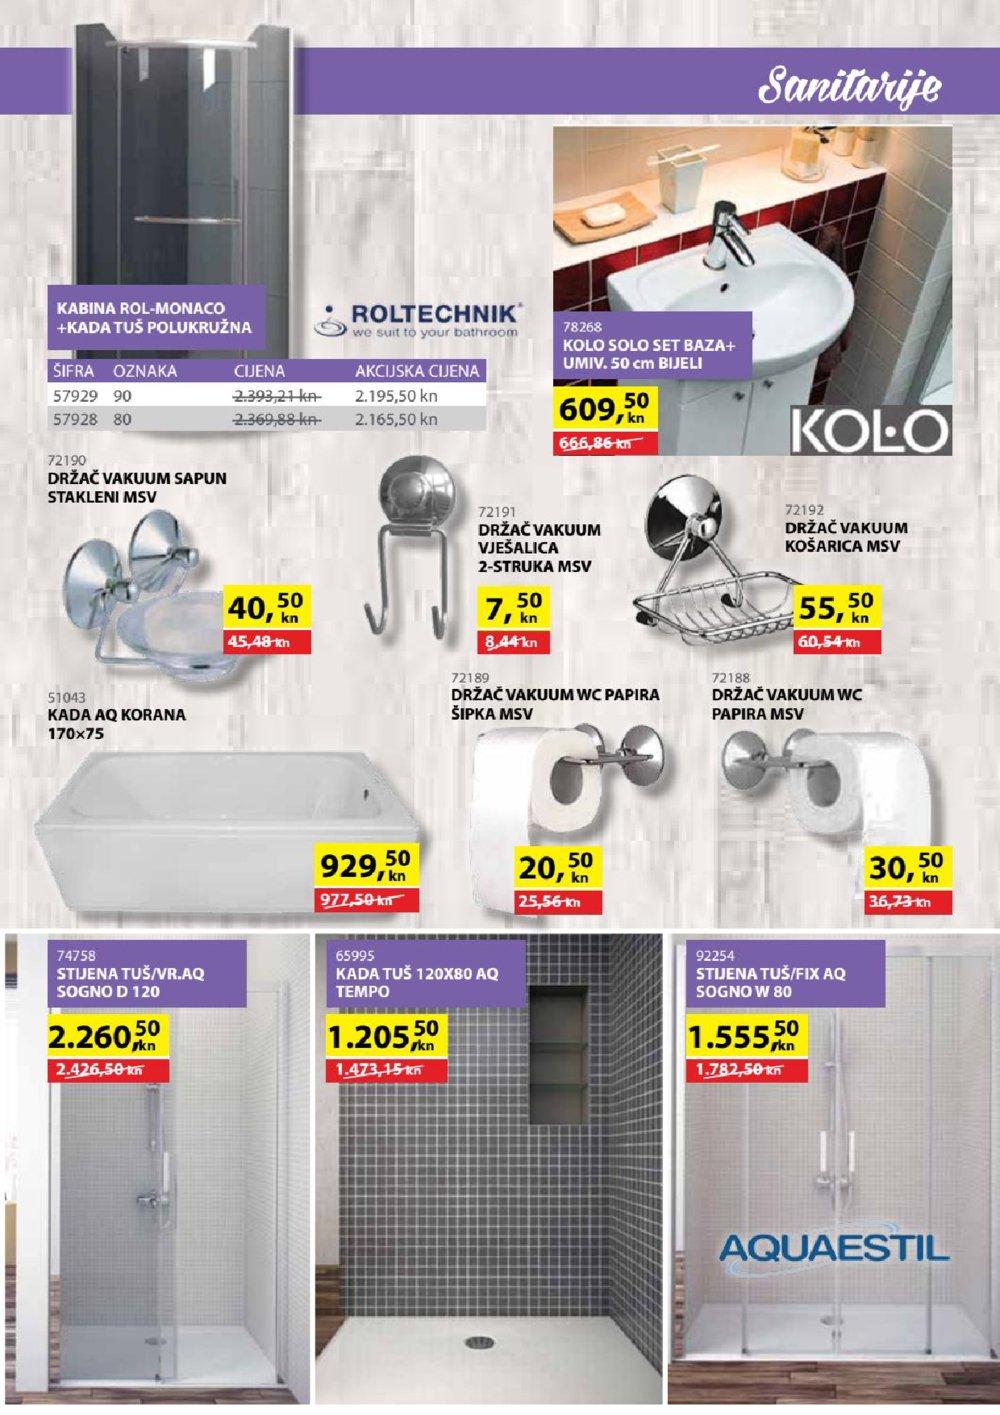 Smit Commerce katalog Sve za gradnju i opremanje stana 15.09.-14.10.2017.